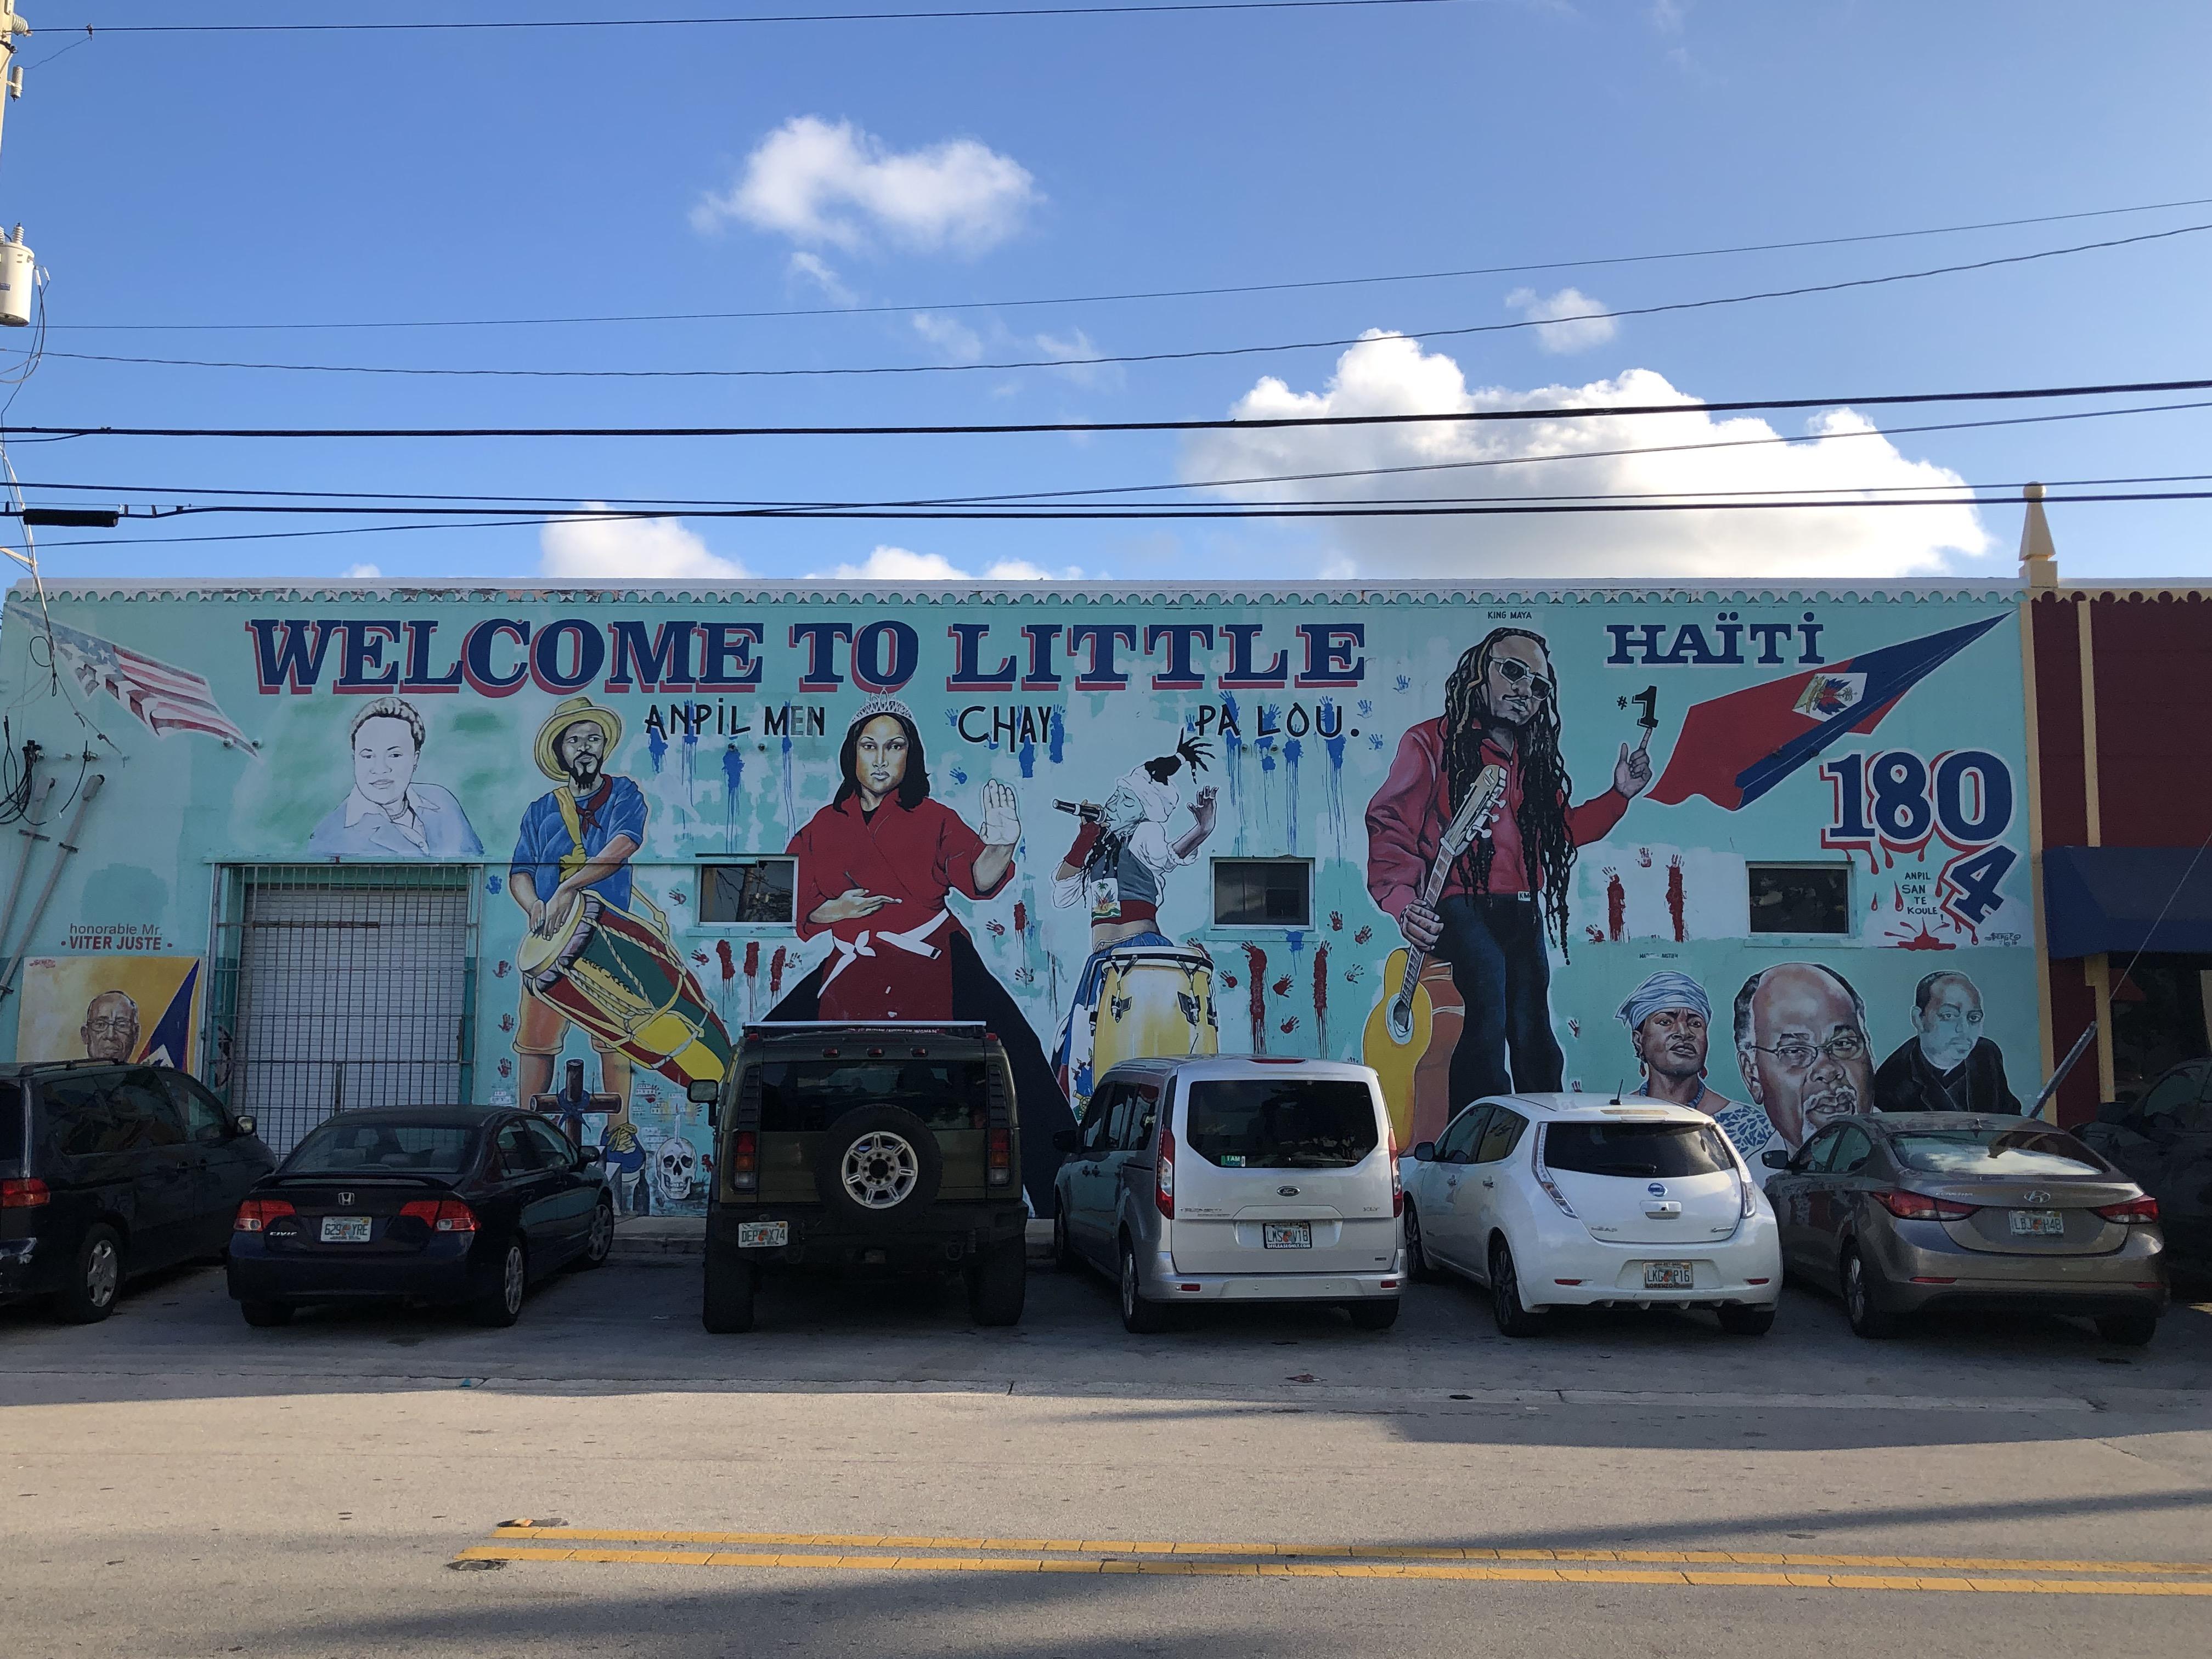 Little Haiti